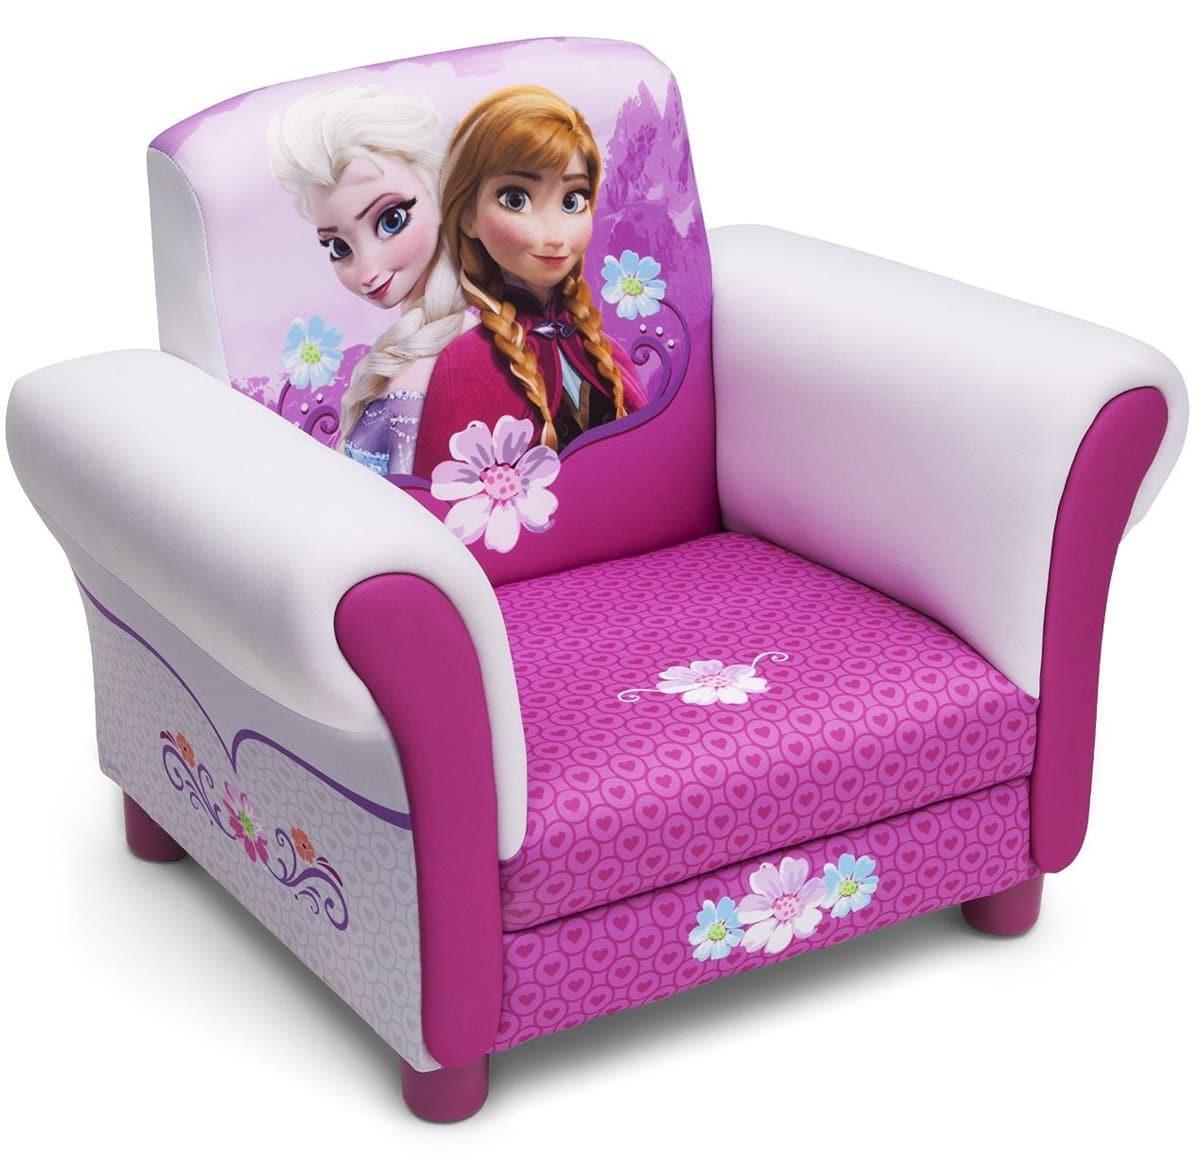 fauteuil enfant bien choisir pour une chambre d 39 enfant accueillante et confortable le. Black Bedroom Furniture Sets. Home Design Ideas